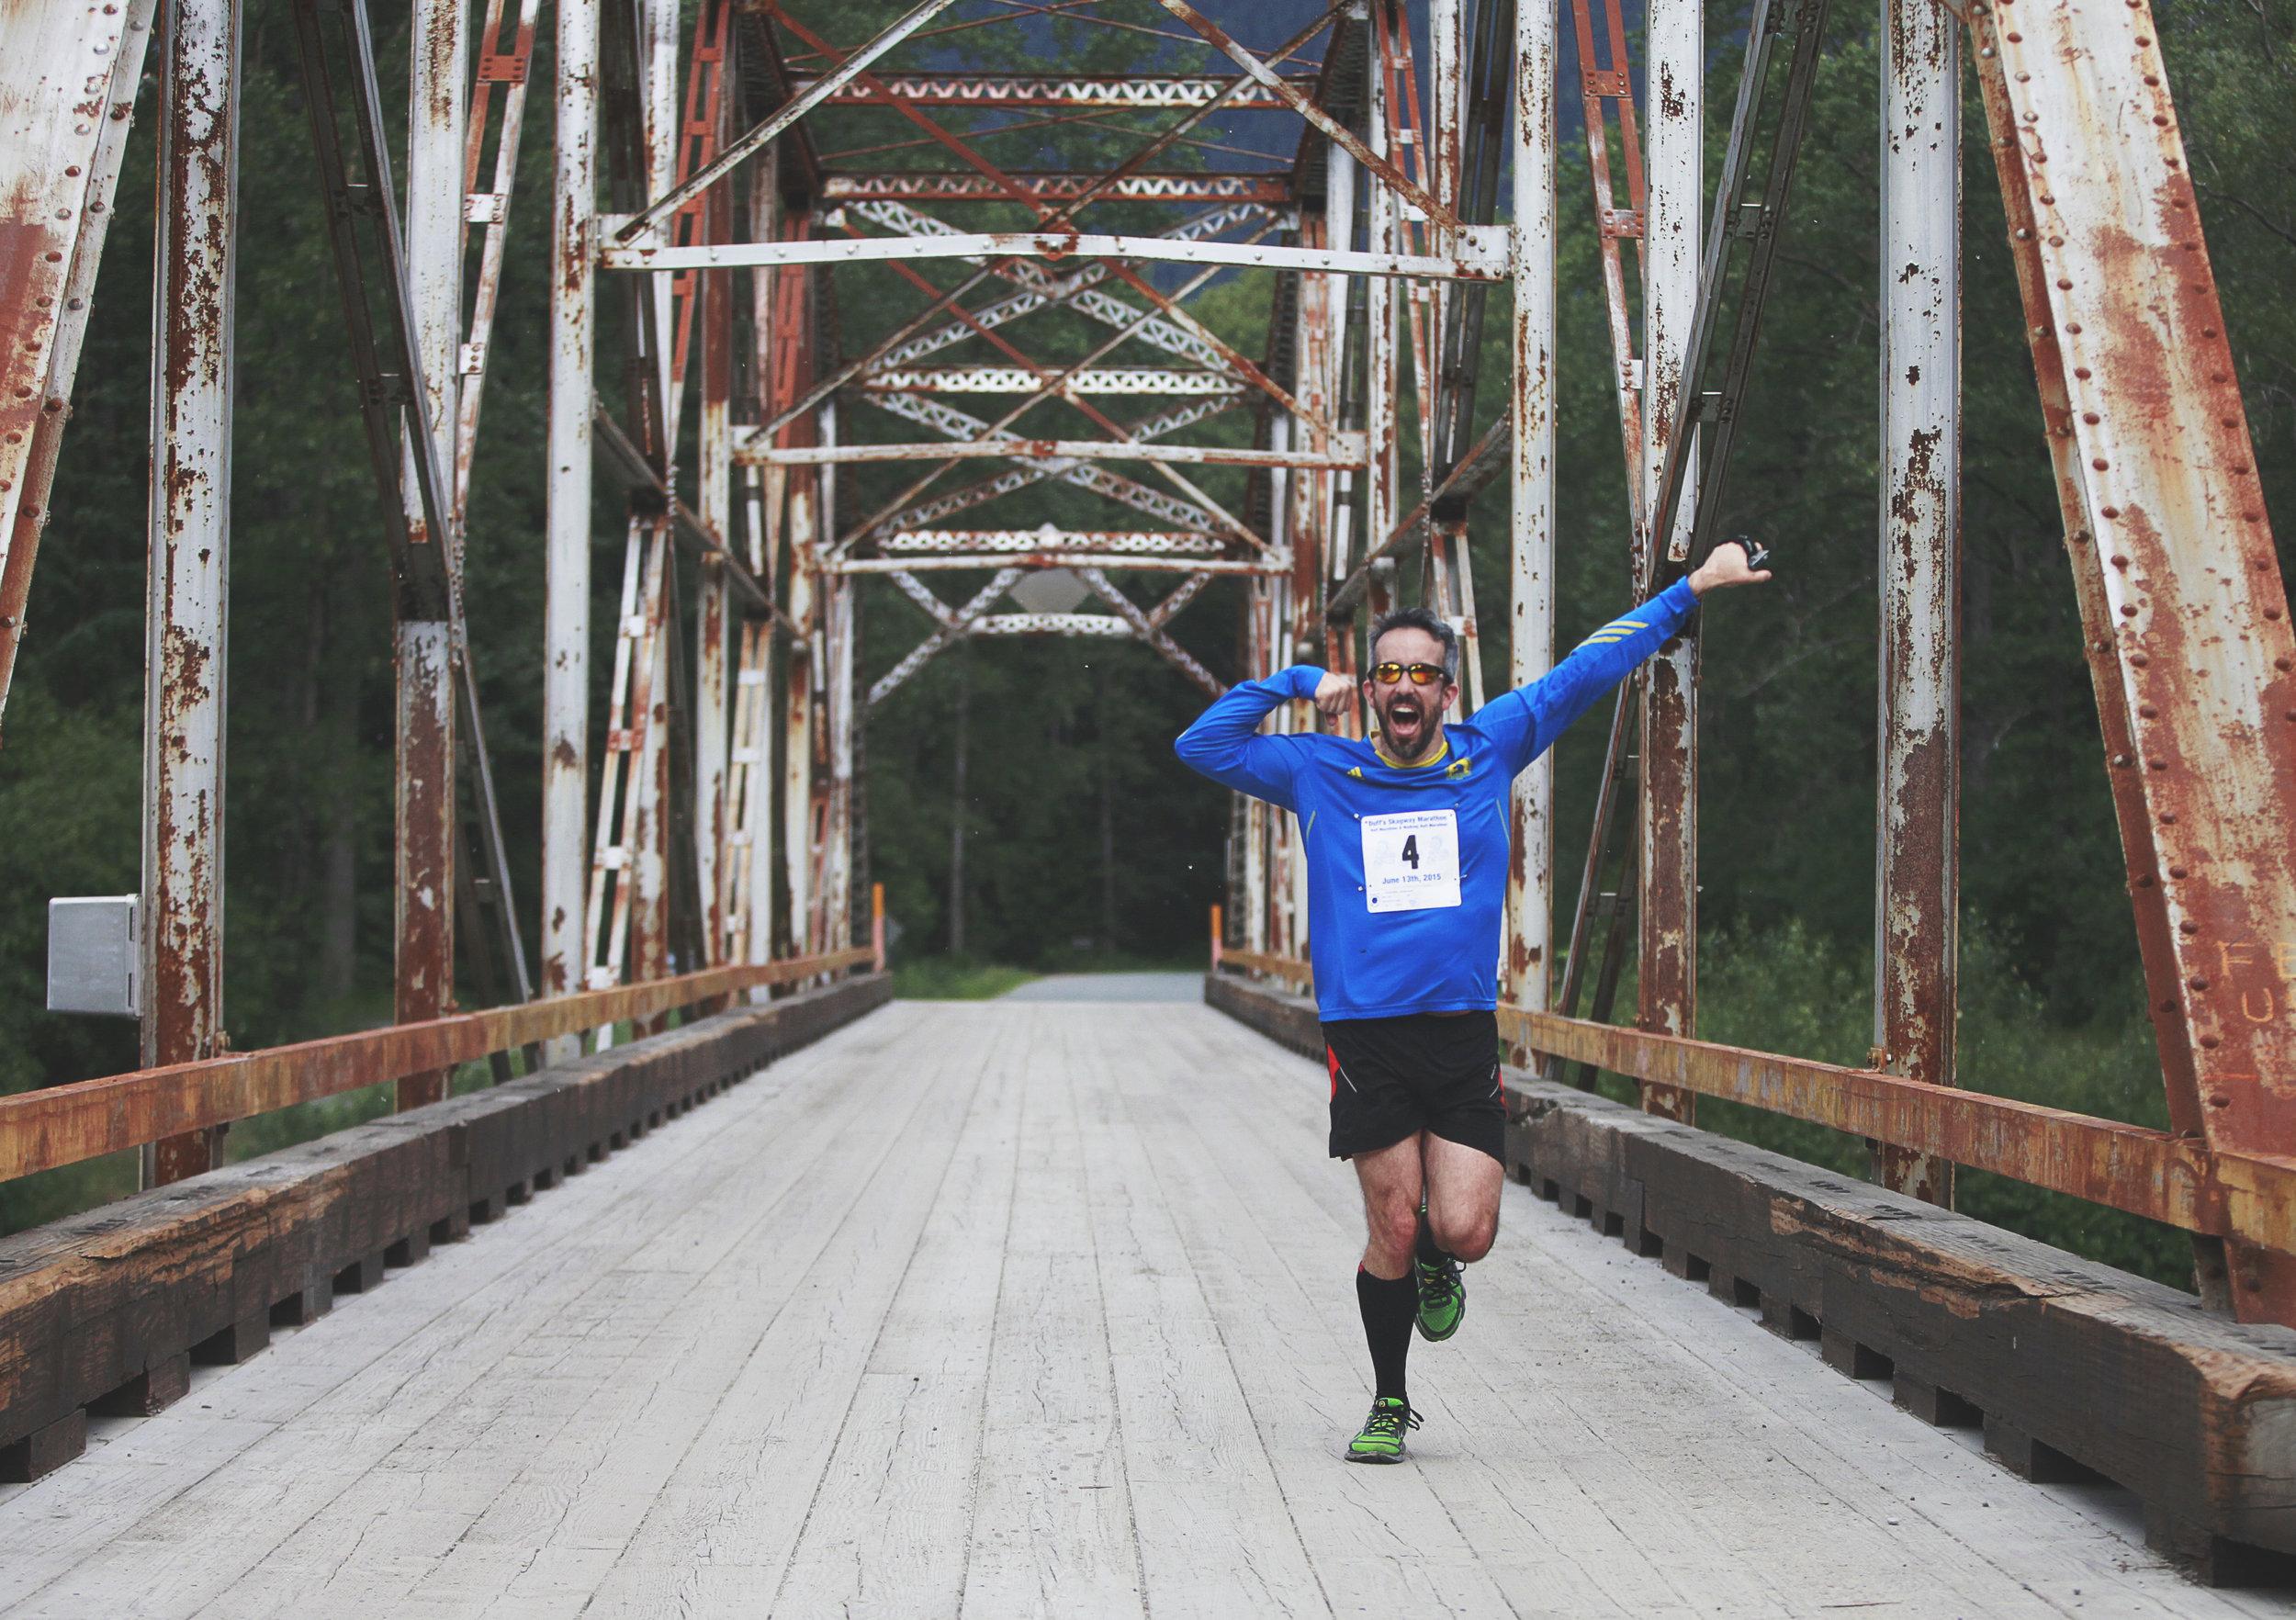 Duff's Skagway Marathon and Half Marathon - June 10th 2018